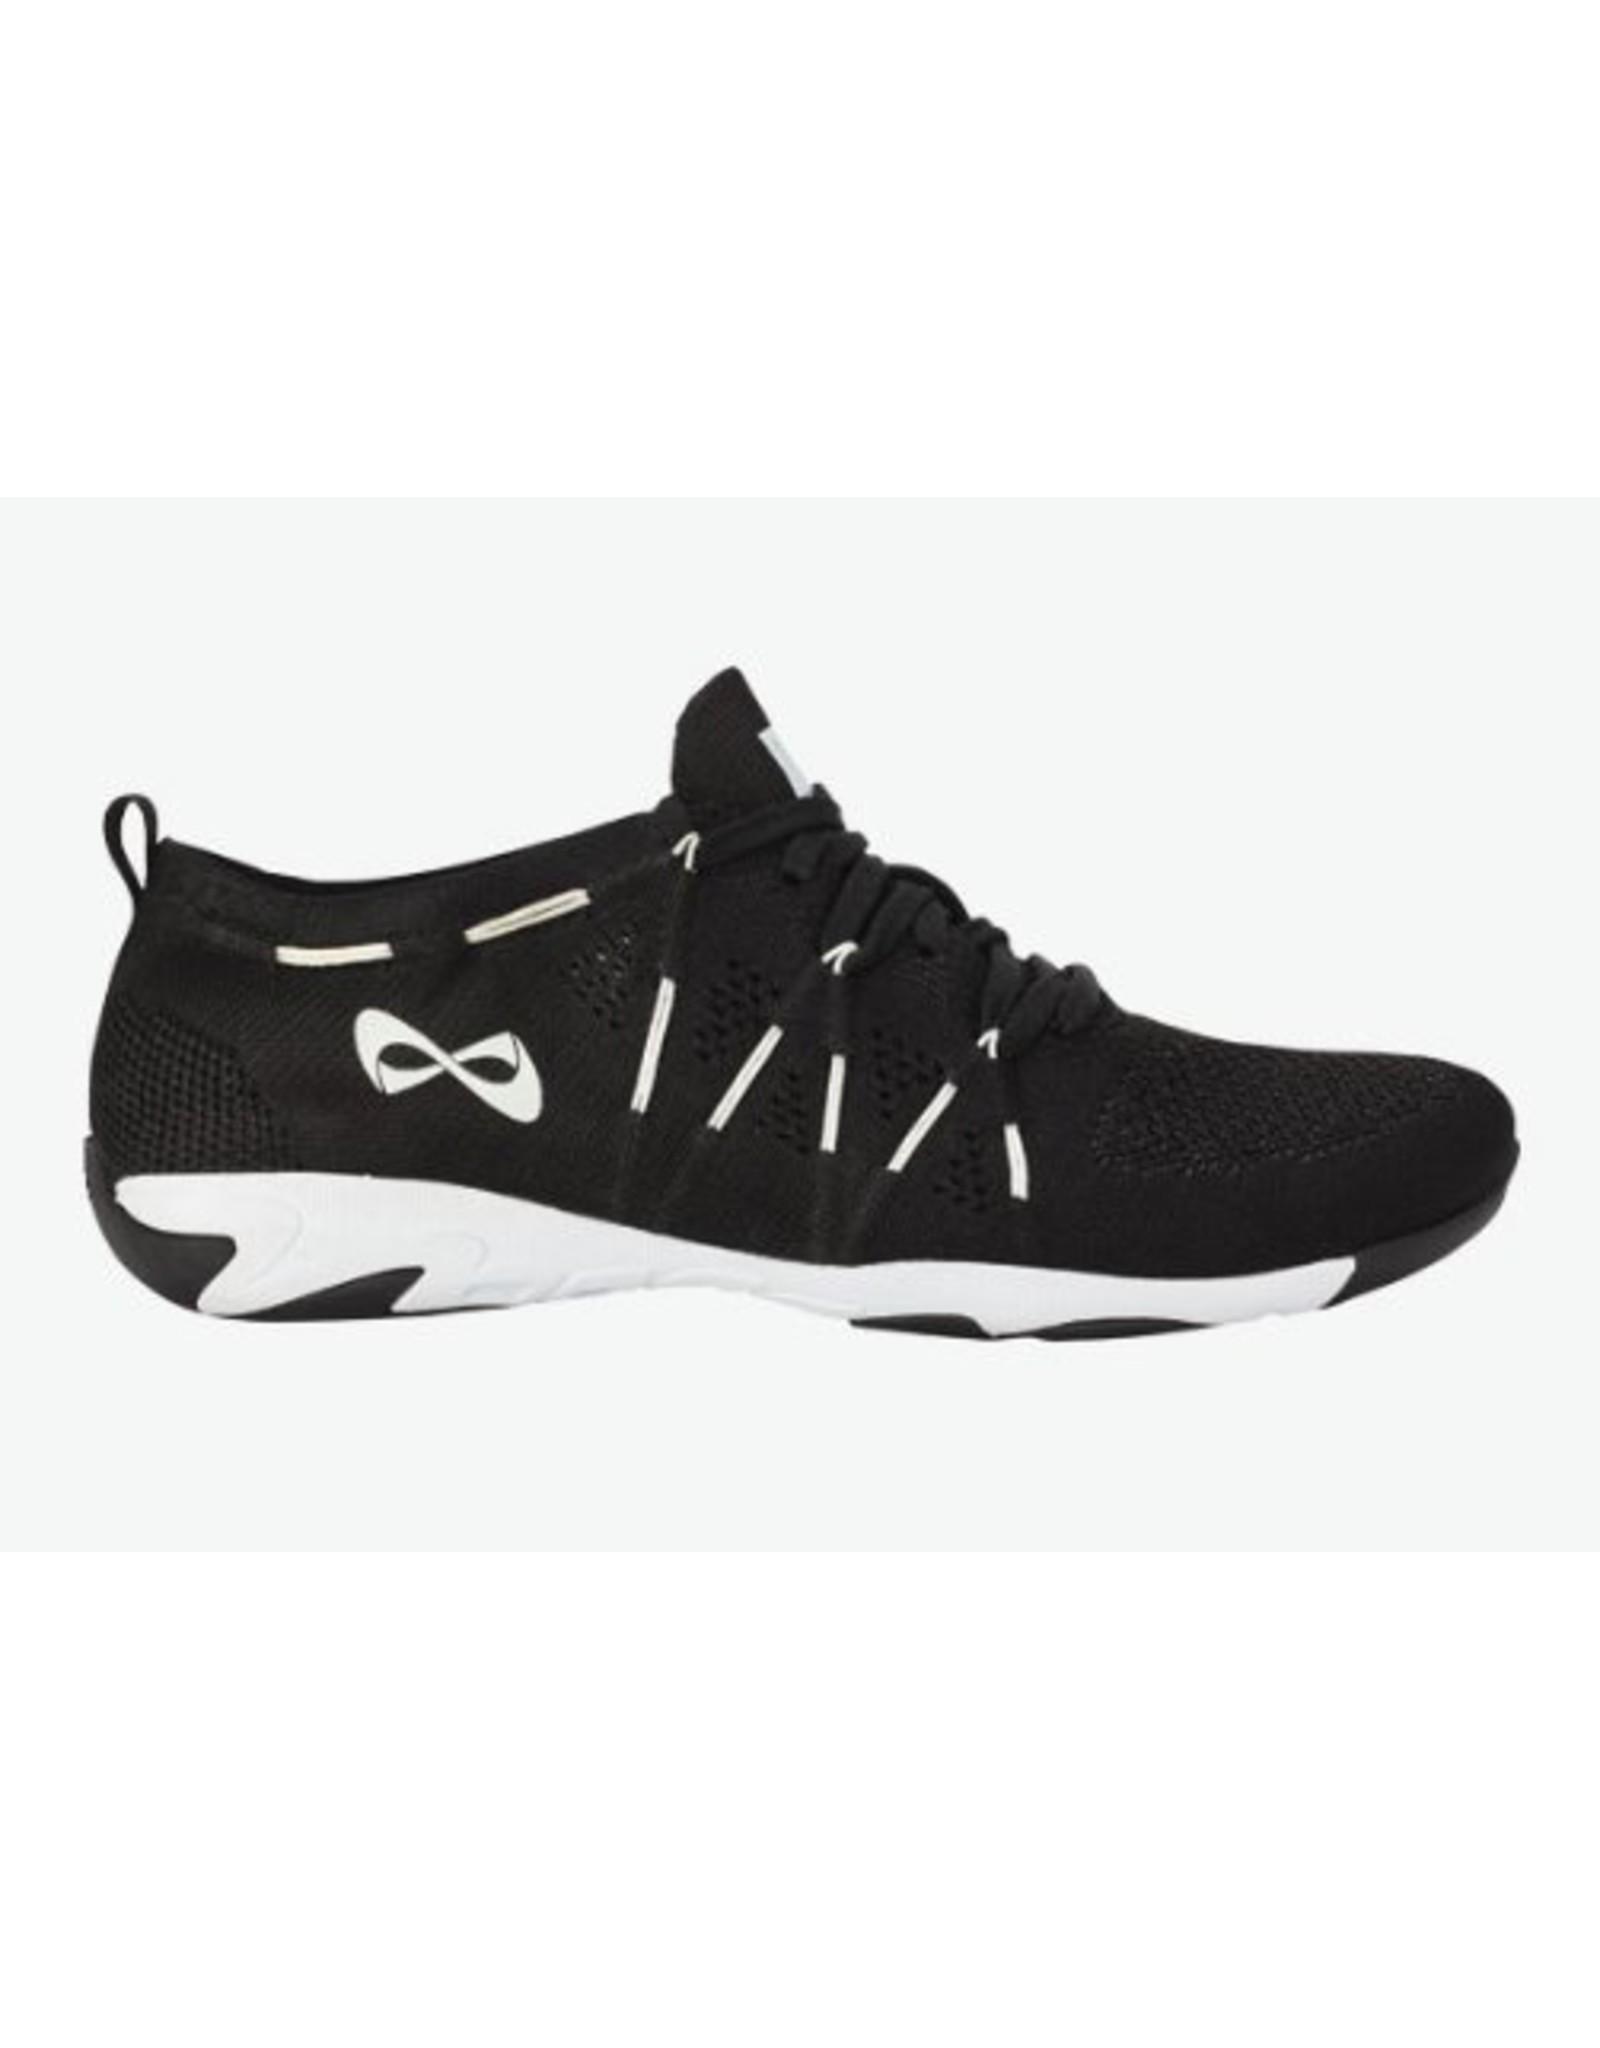 Nfinity Nfinity Flyte Cheer Shoe